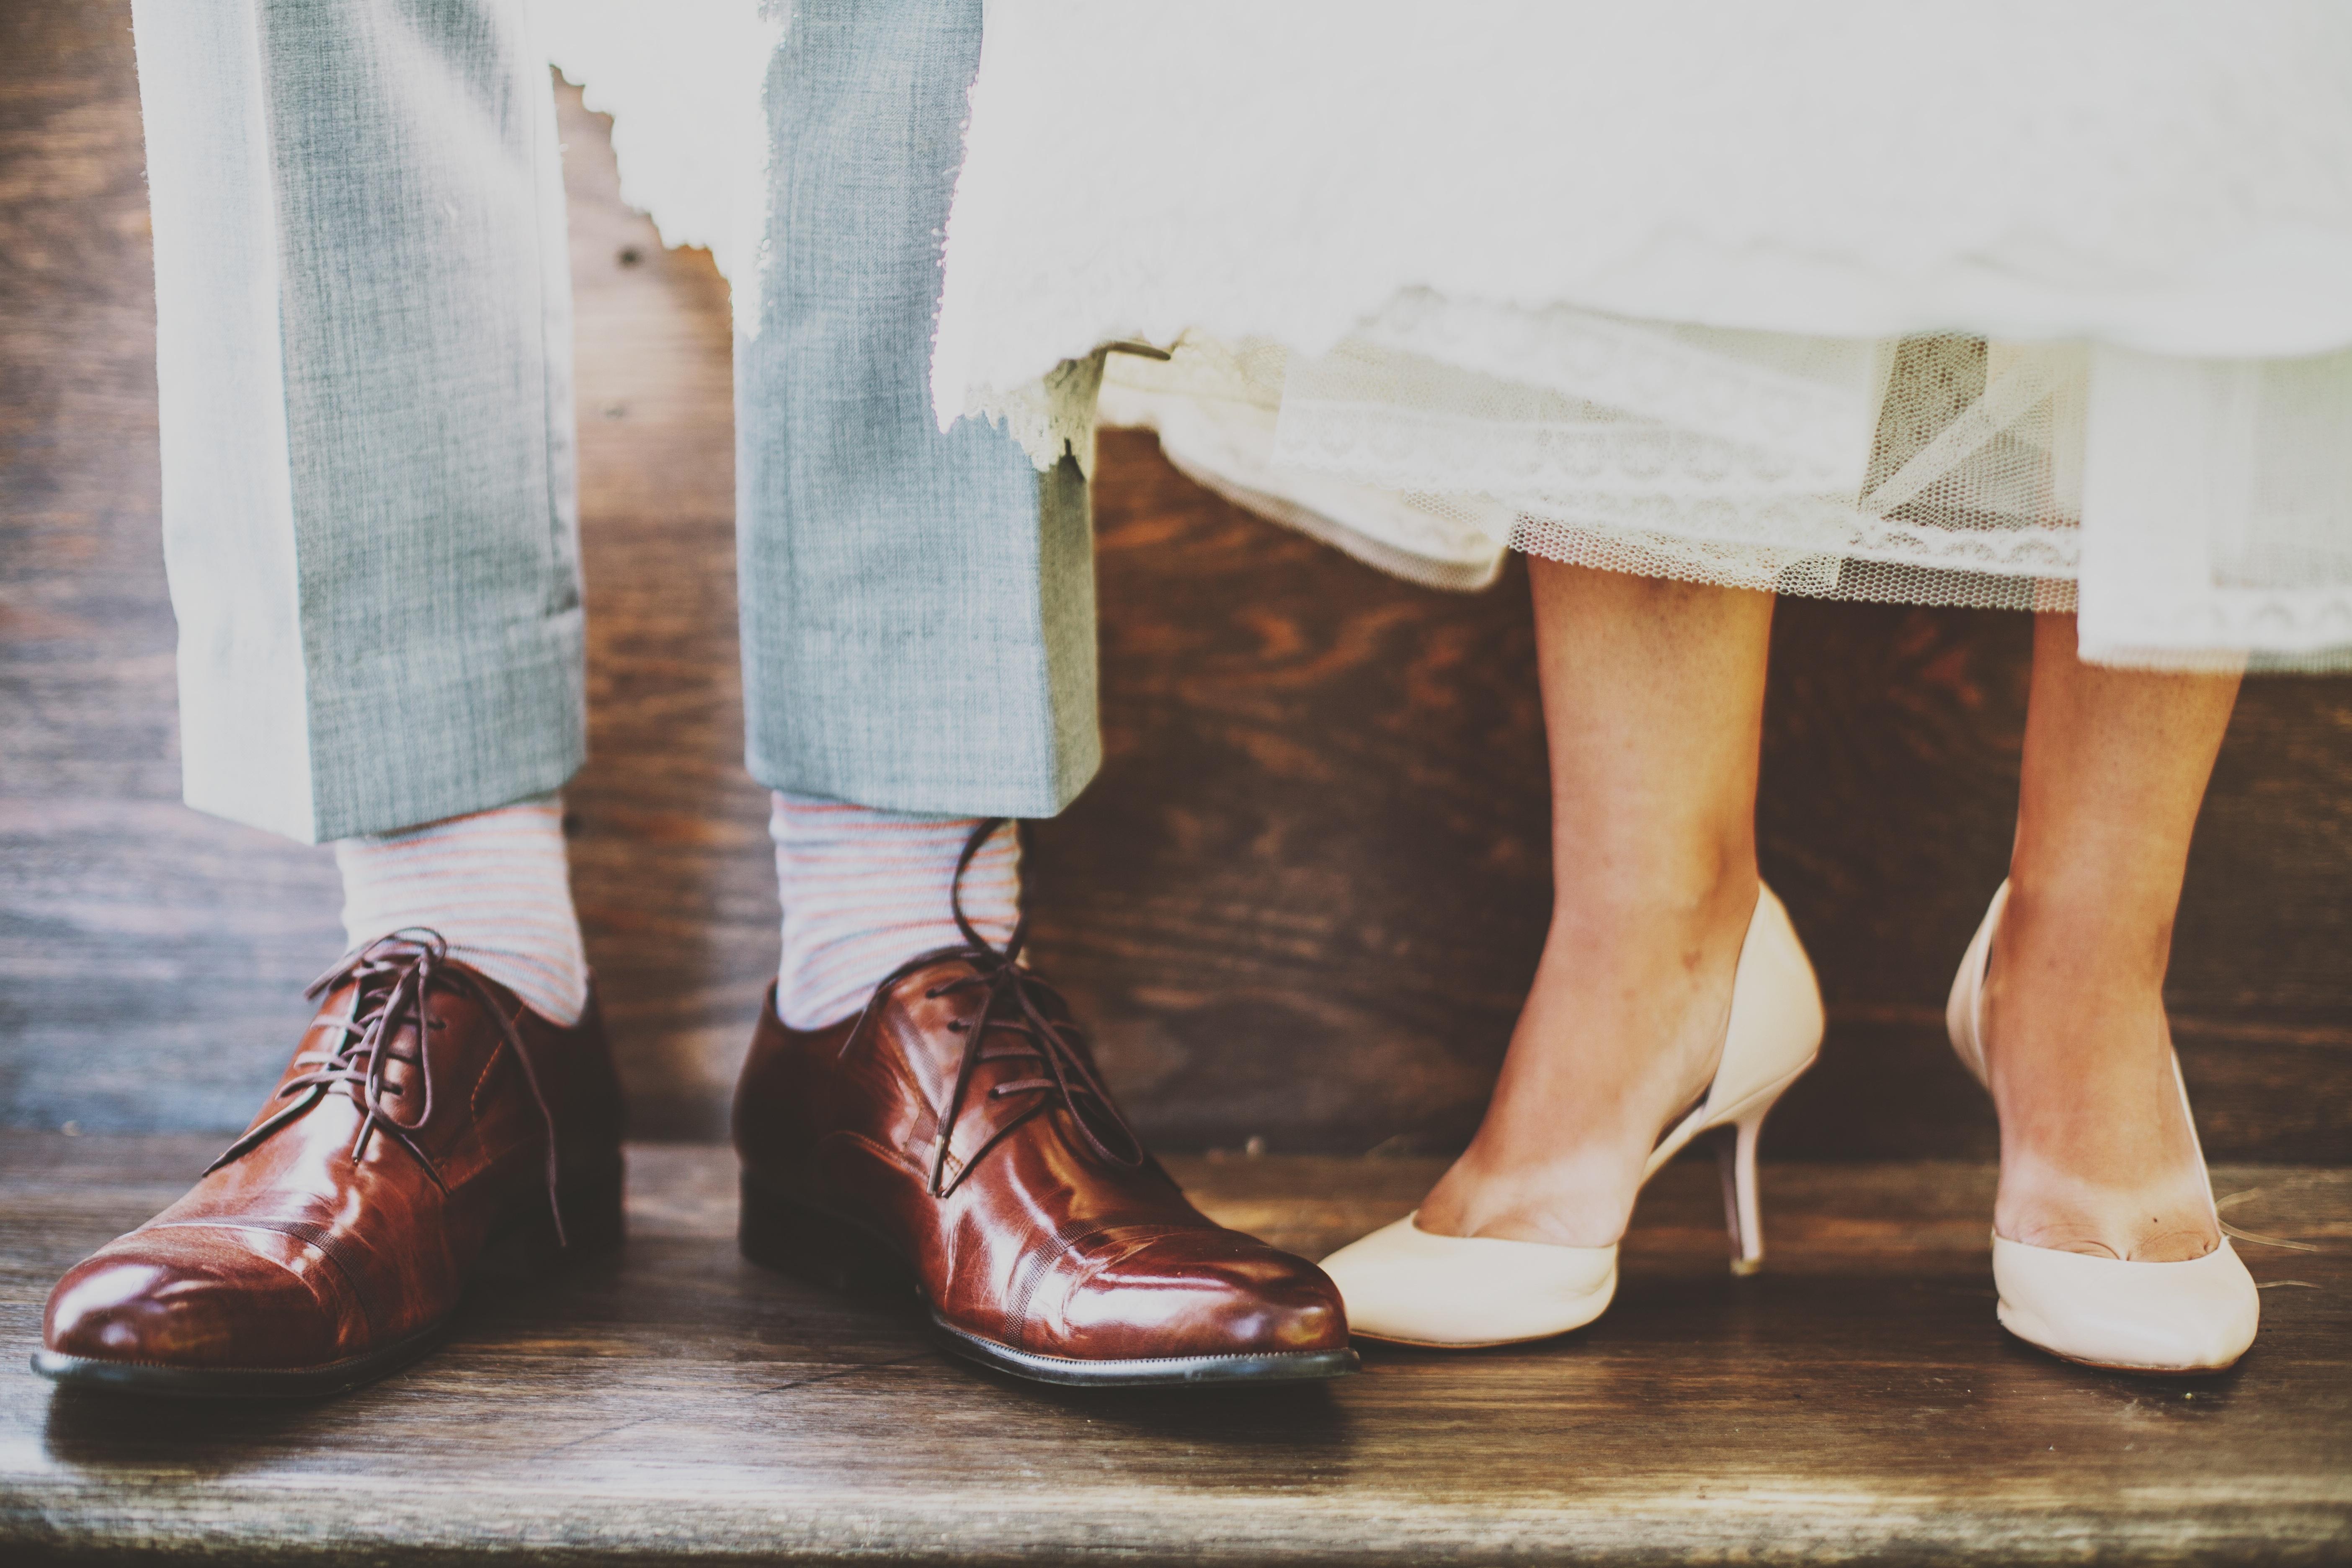 выбрали для красивая пара туфель фото элементы вроде арок